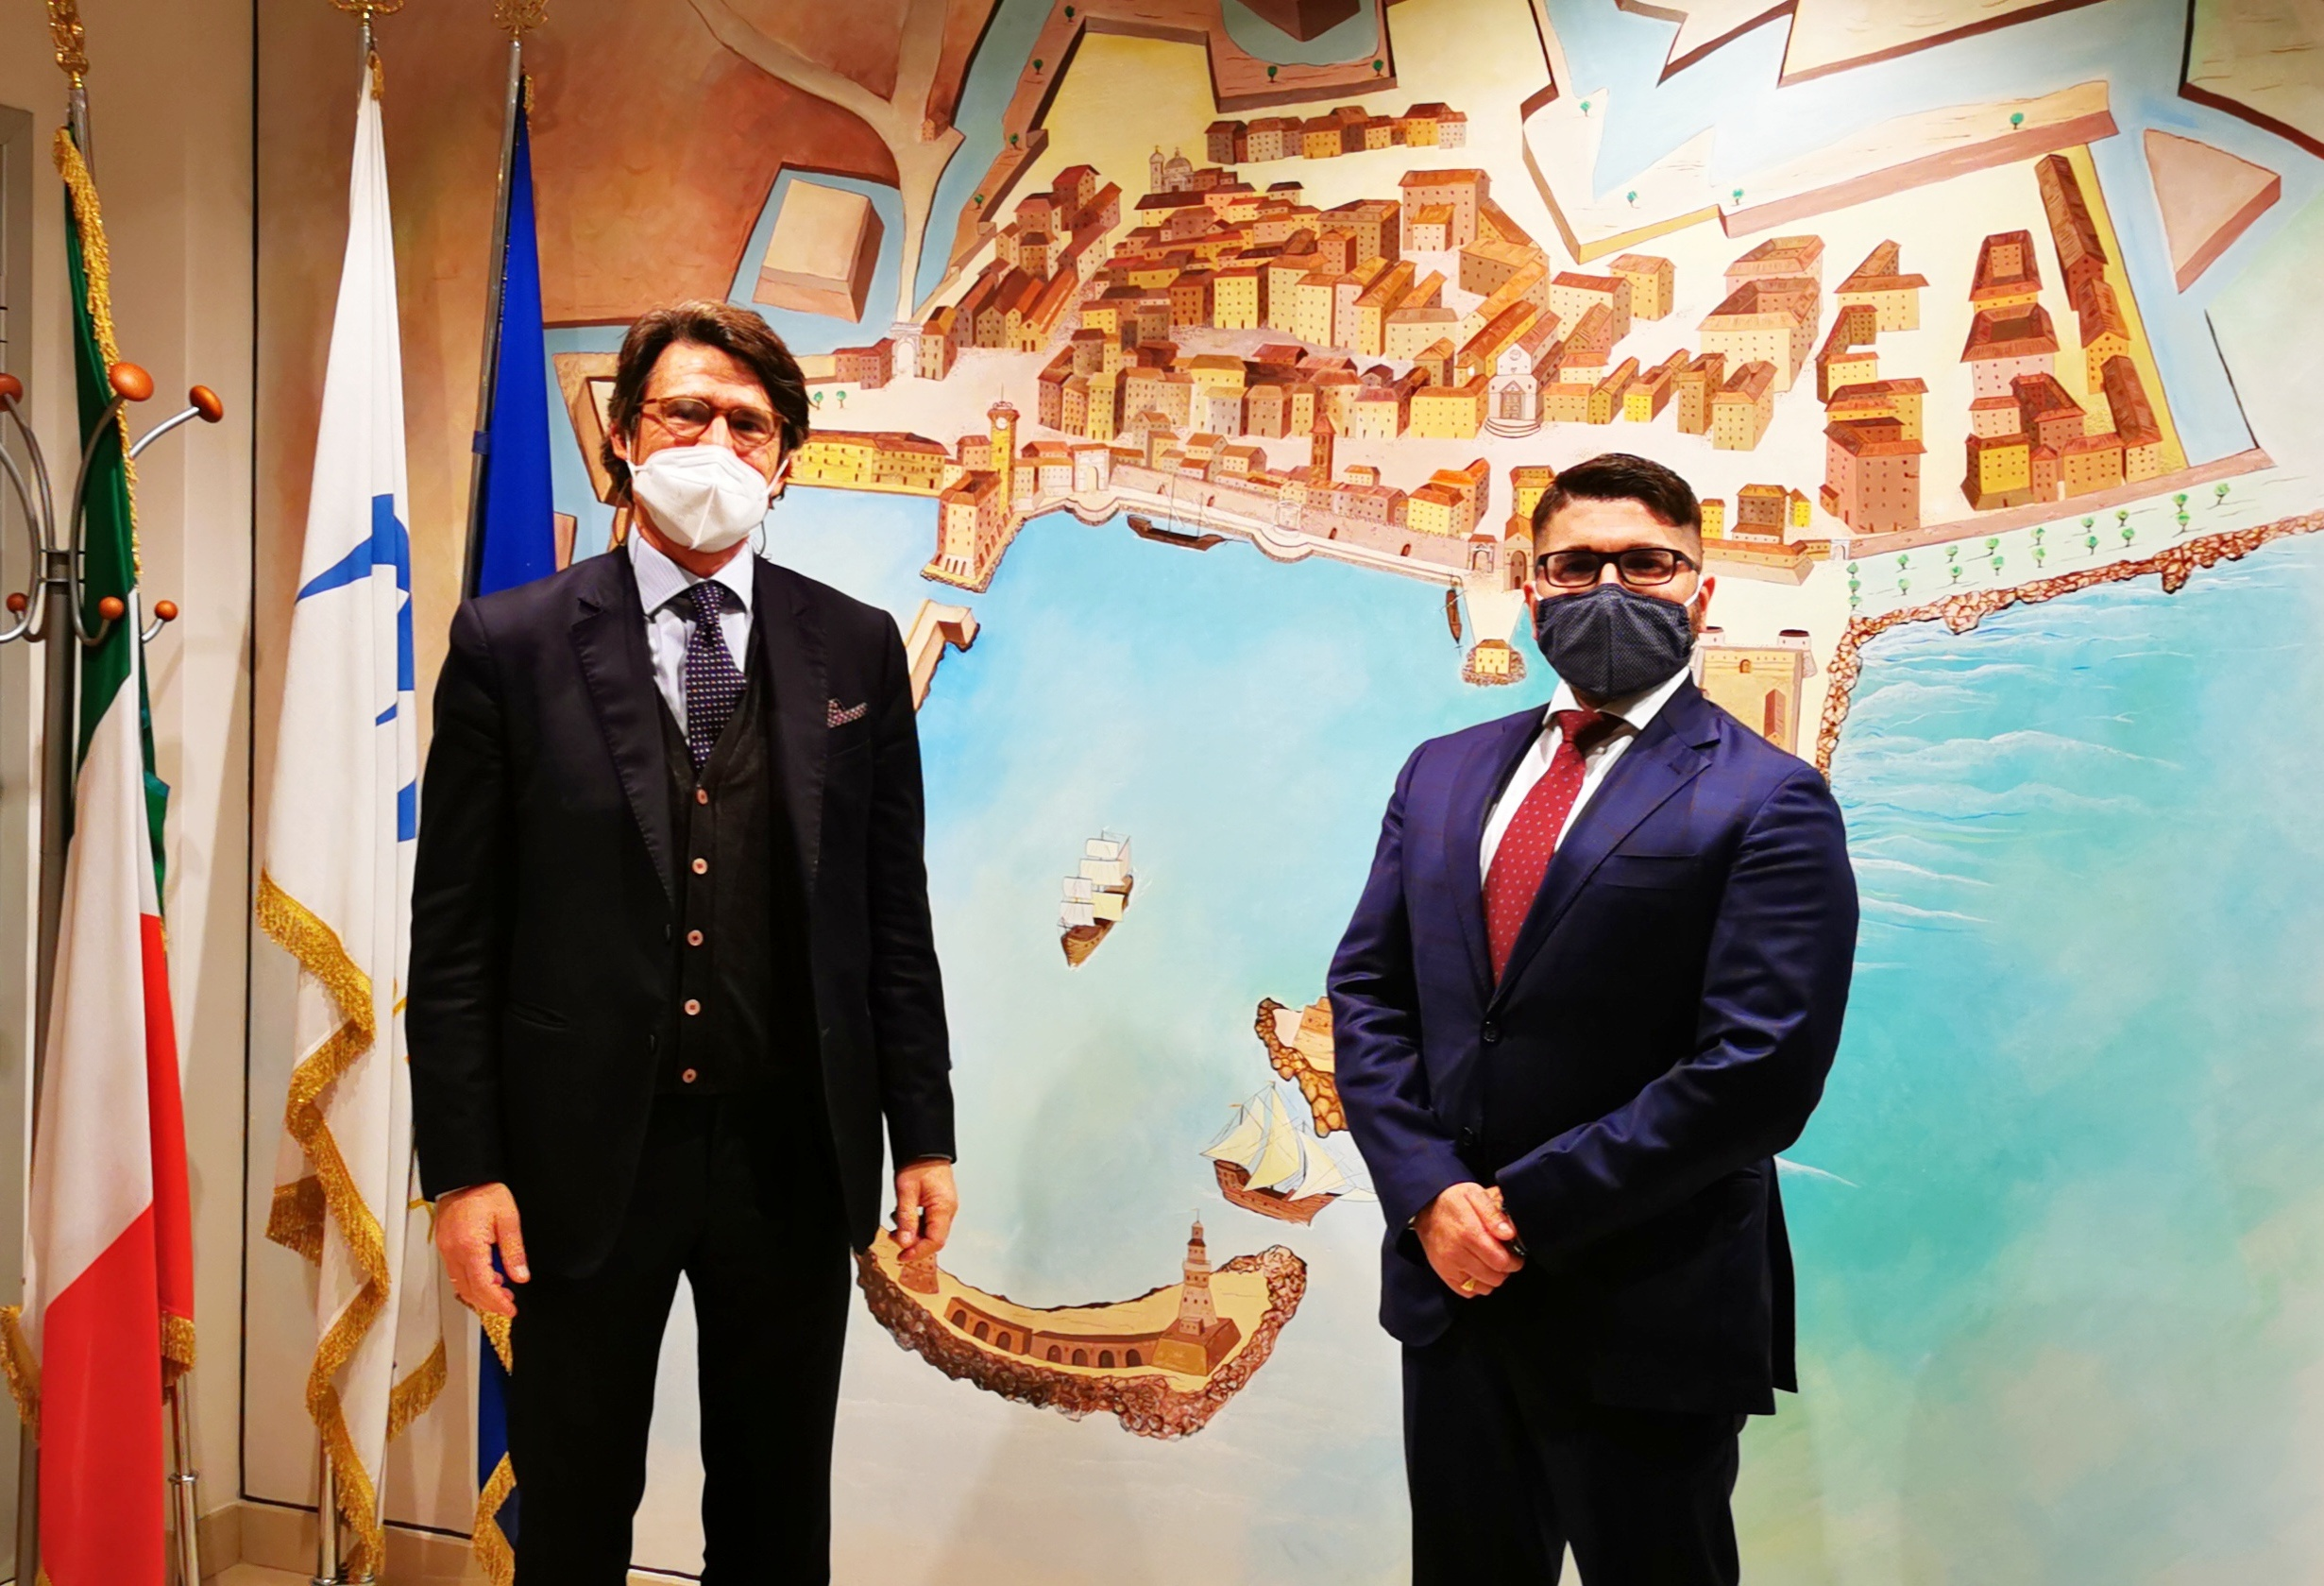 Avvicendamento a Molo Vespucci, Pino Musolino è il nuovo Presidente dell'Autorità di Sistema Portuale del Mar Tirreno Centro Settentrionale